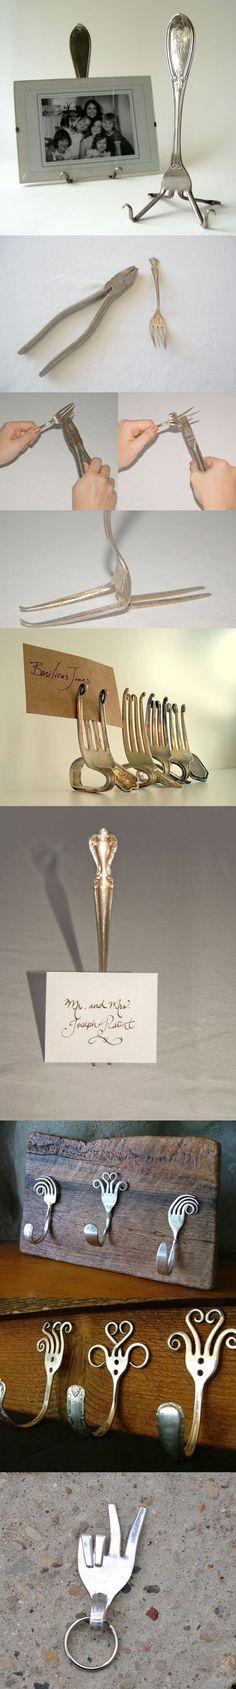 Satz wunderschöner alter #Gabeln gefunden, die zum #Essen aber ... 'ungeeignet' sind? Einfach zurechtbiegen - #DIY Alltags-Kunst! #fork